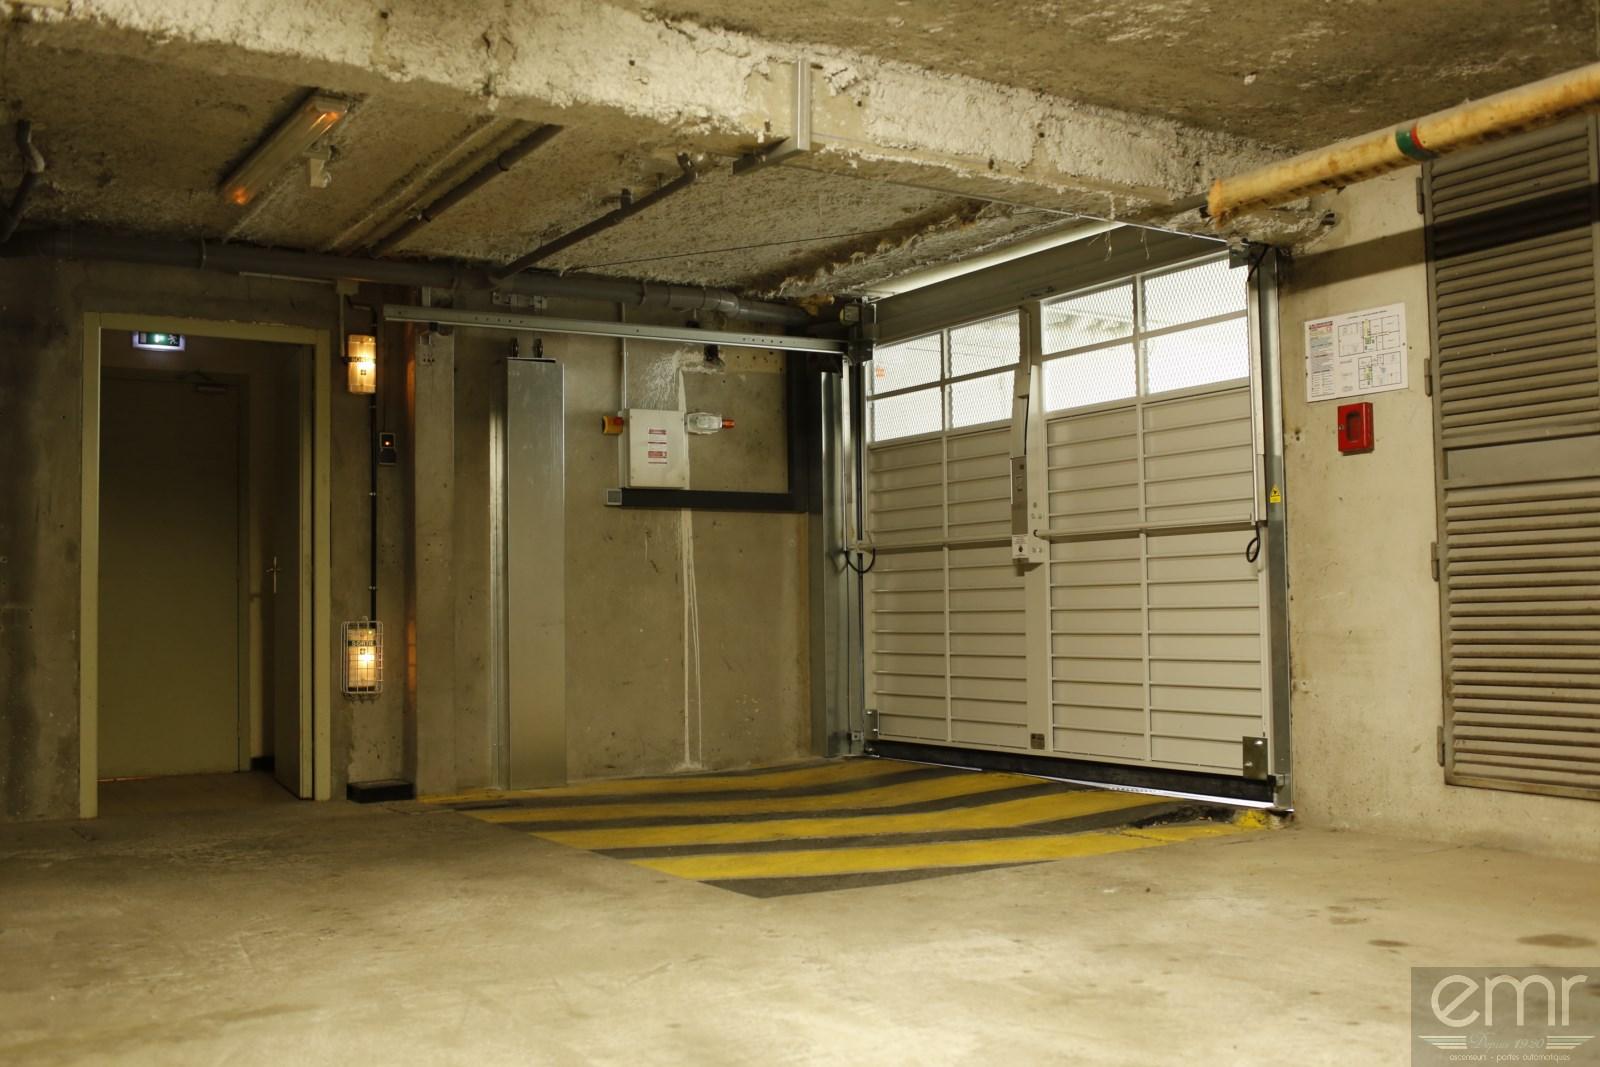 Remplacement d 39 une porte de garage dans une copropri t cagnes sur mer installation d - Norme porte de garage collective ...